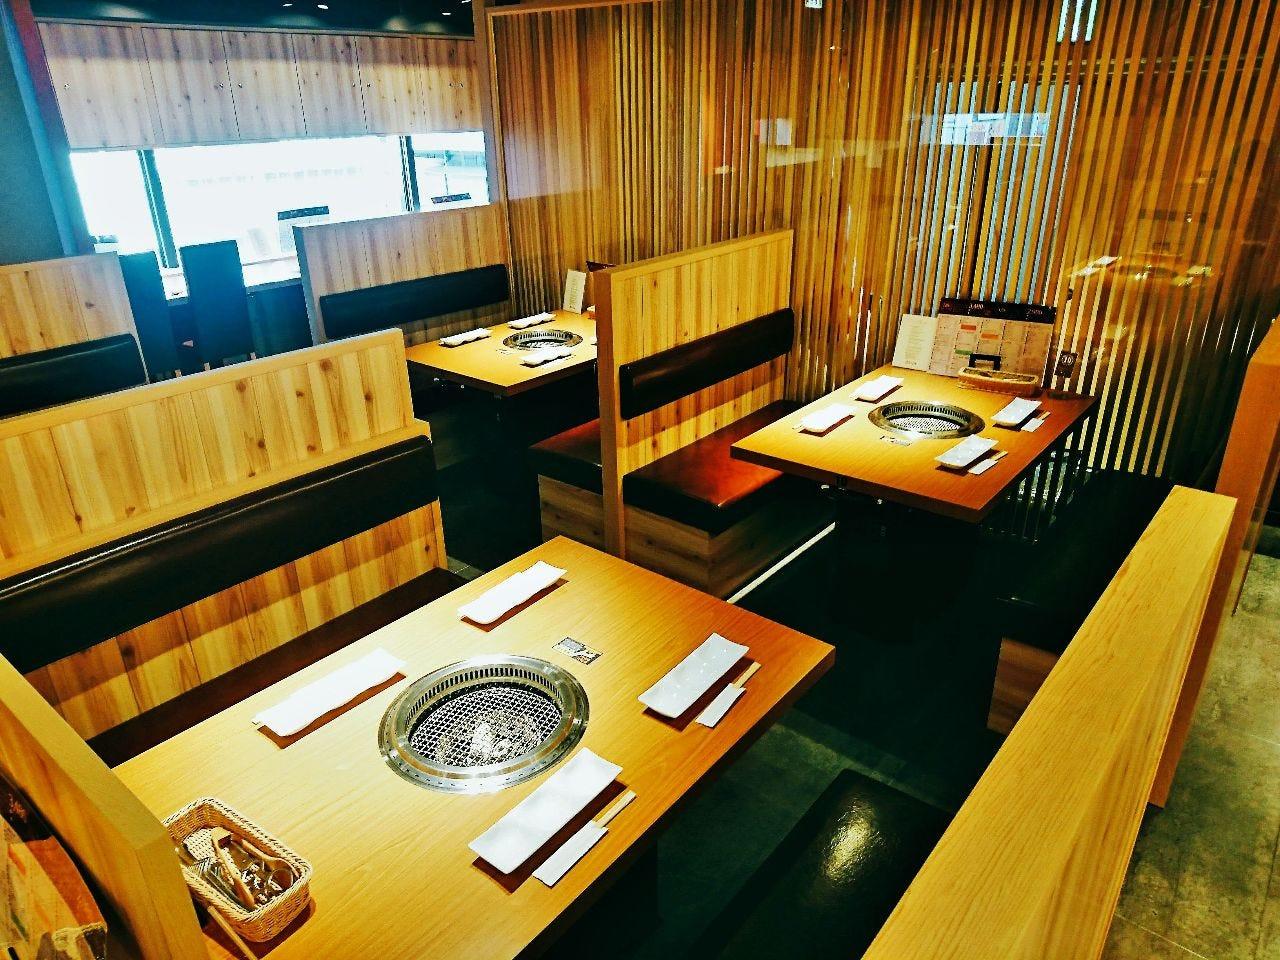 和モダンで落ち着いた店内。ご予約はお早めに。